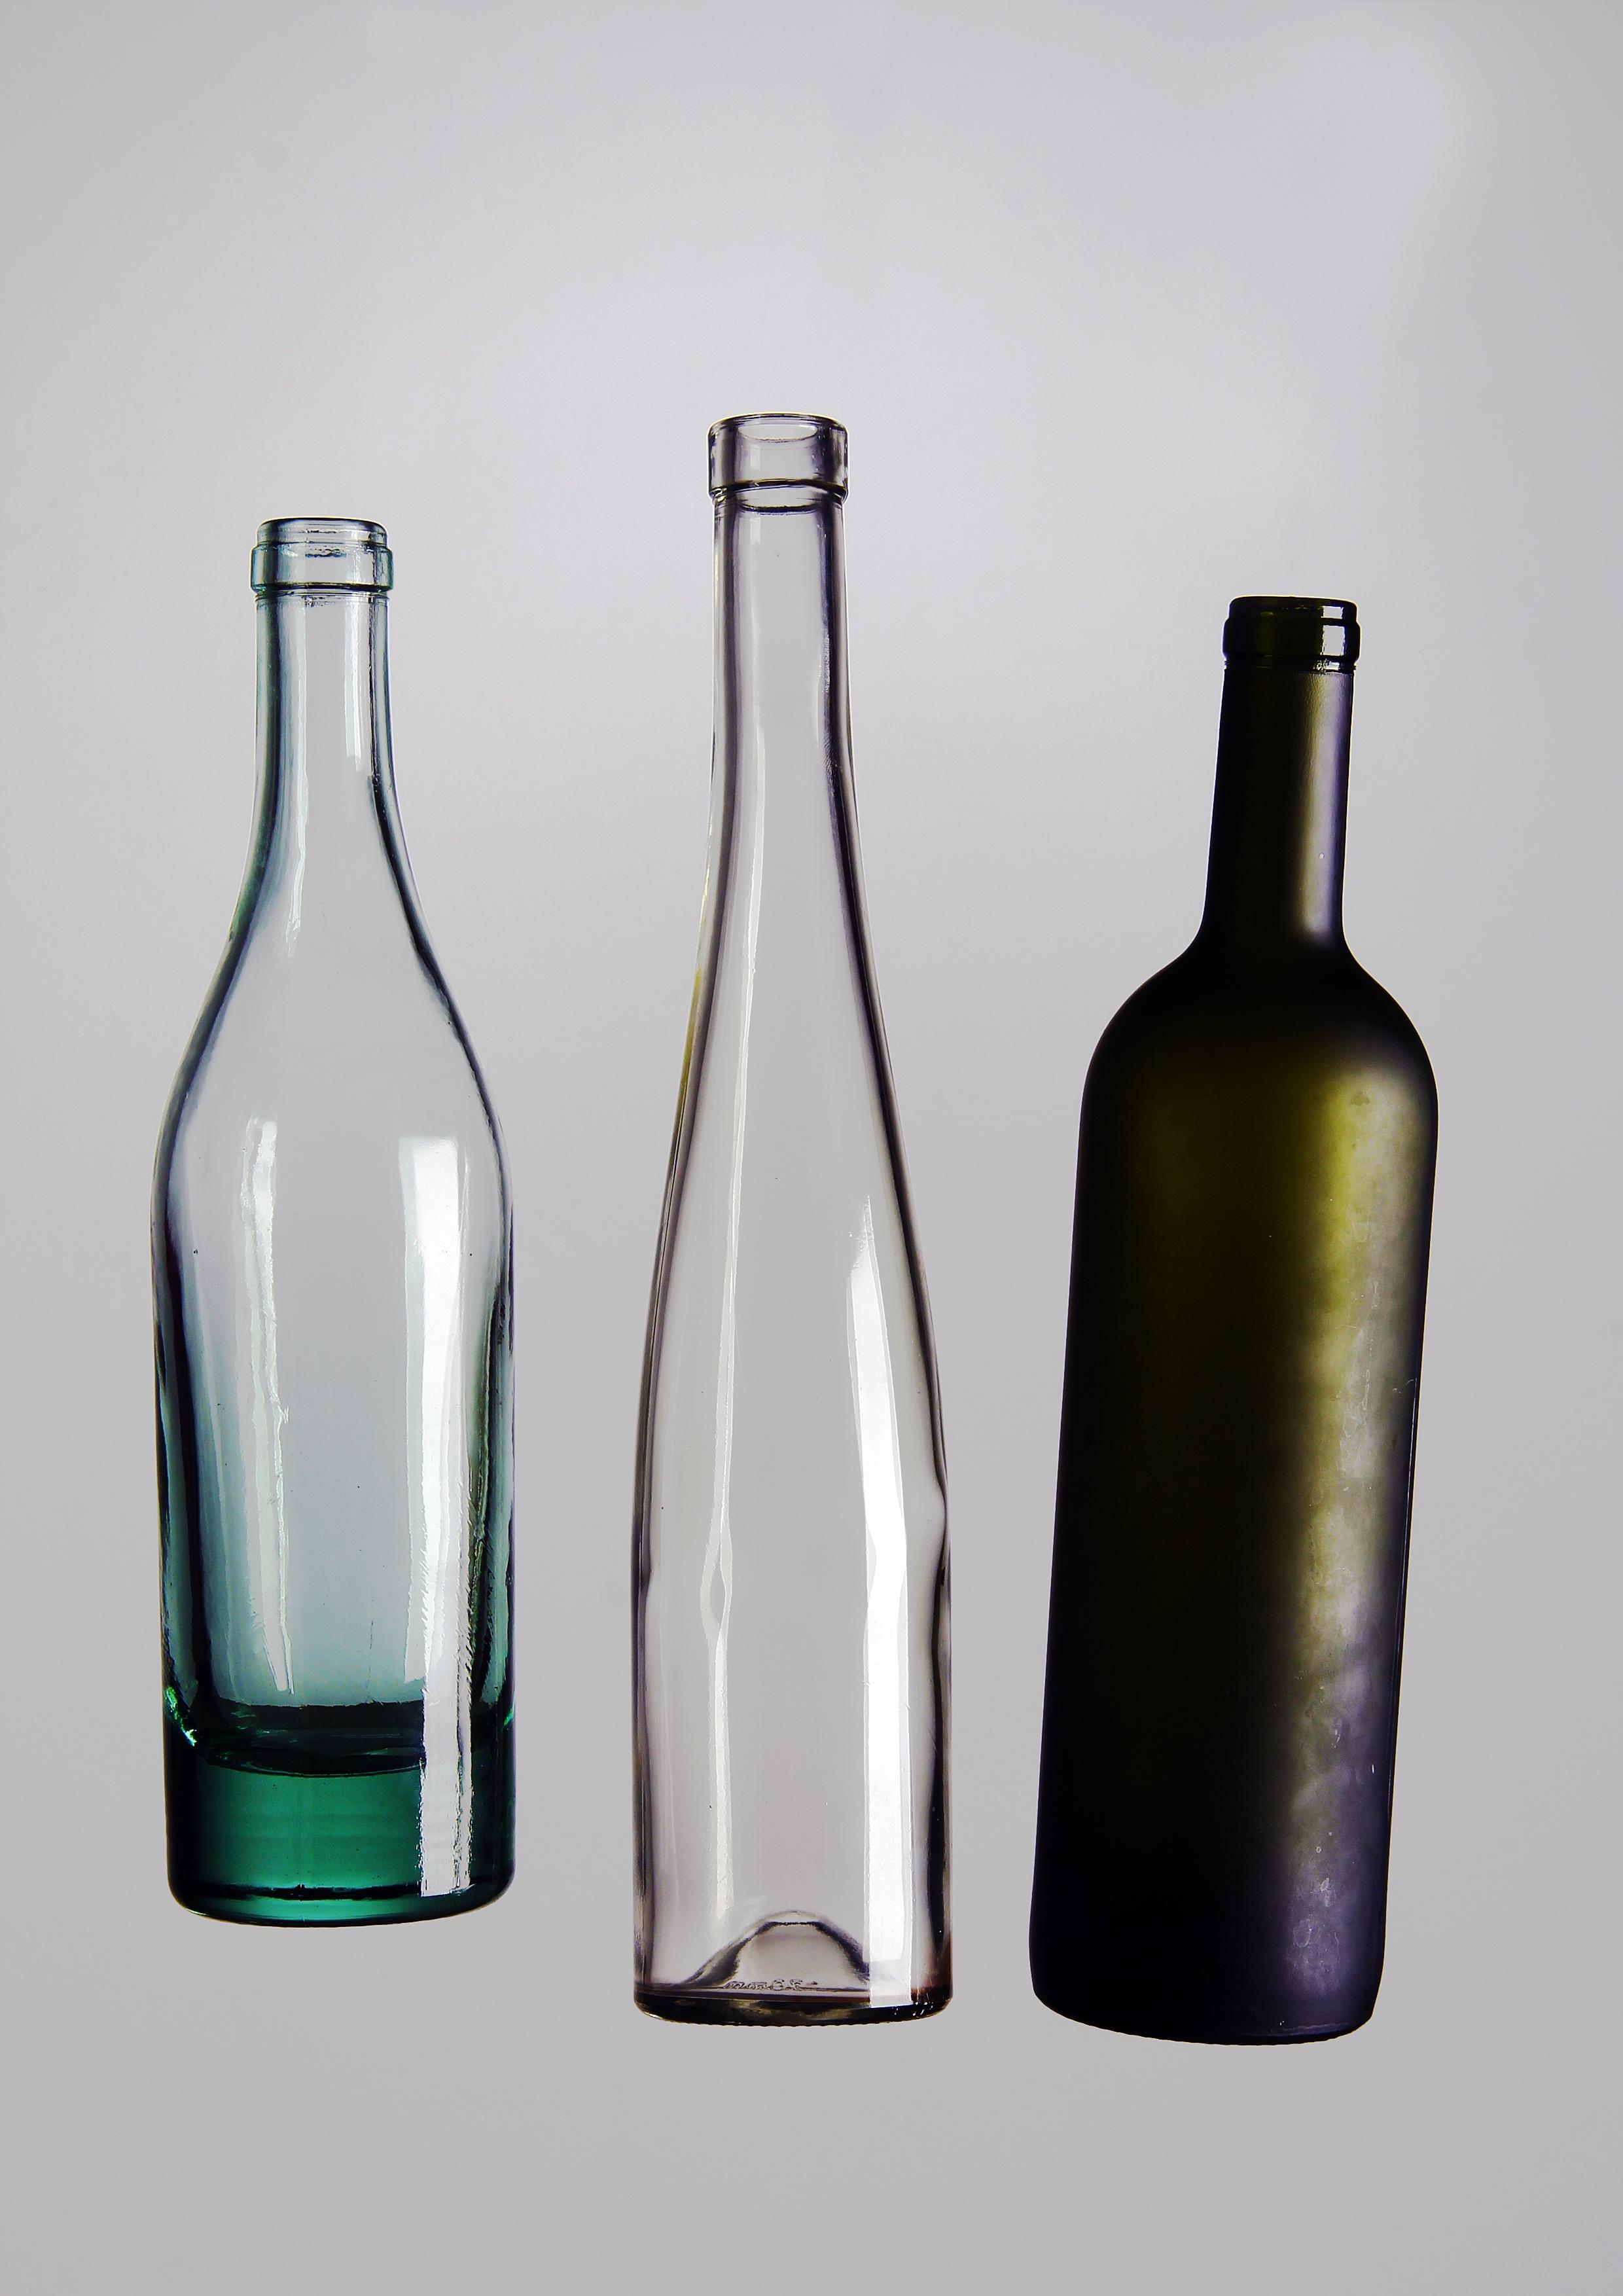 Fotoğraf Su Bardak Sofra Takımı şarap şişesi Cam şişe ürün